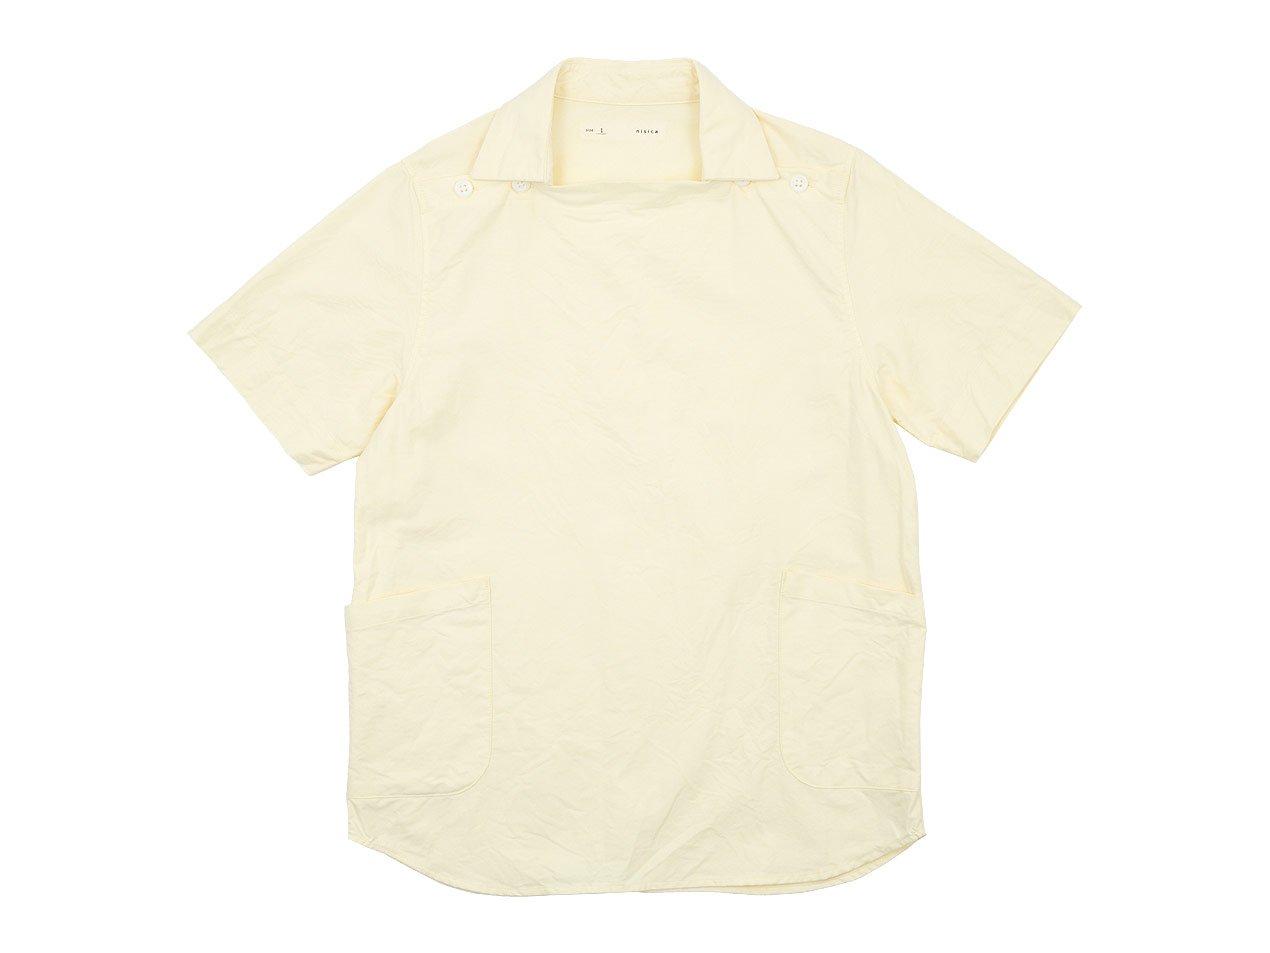 nisica デッキマンシャツ 半袖 オックス YELLOW